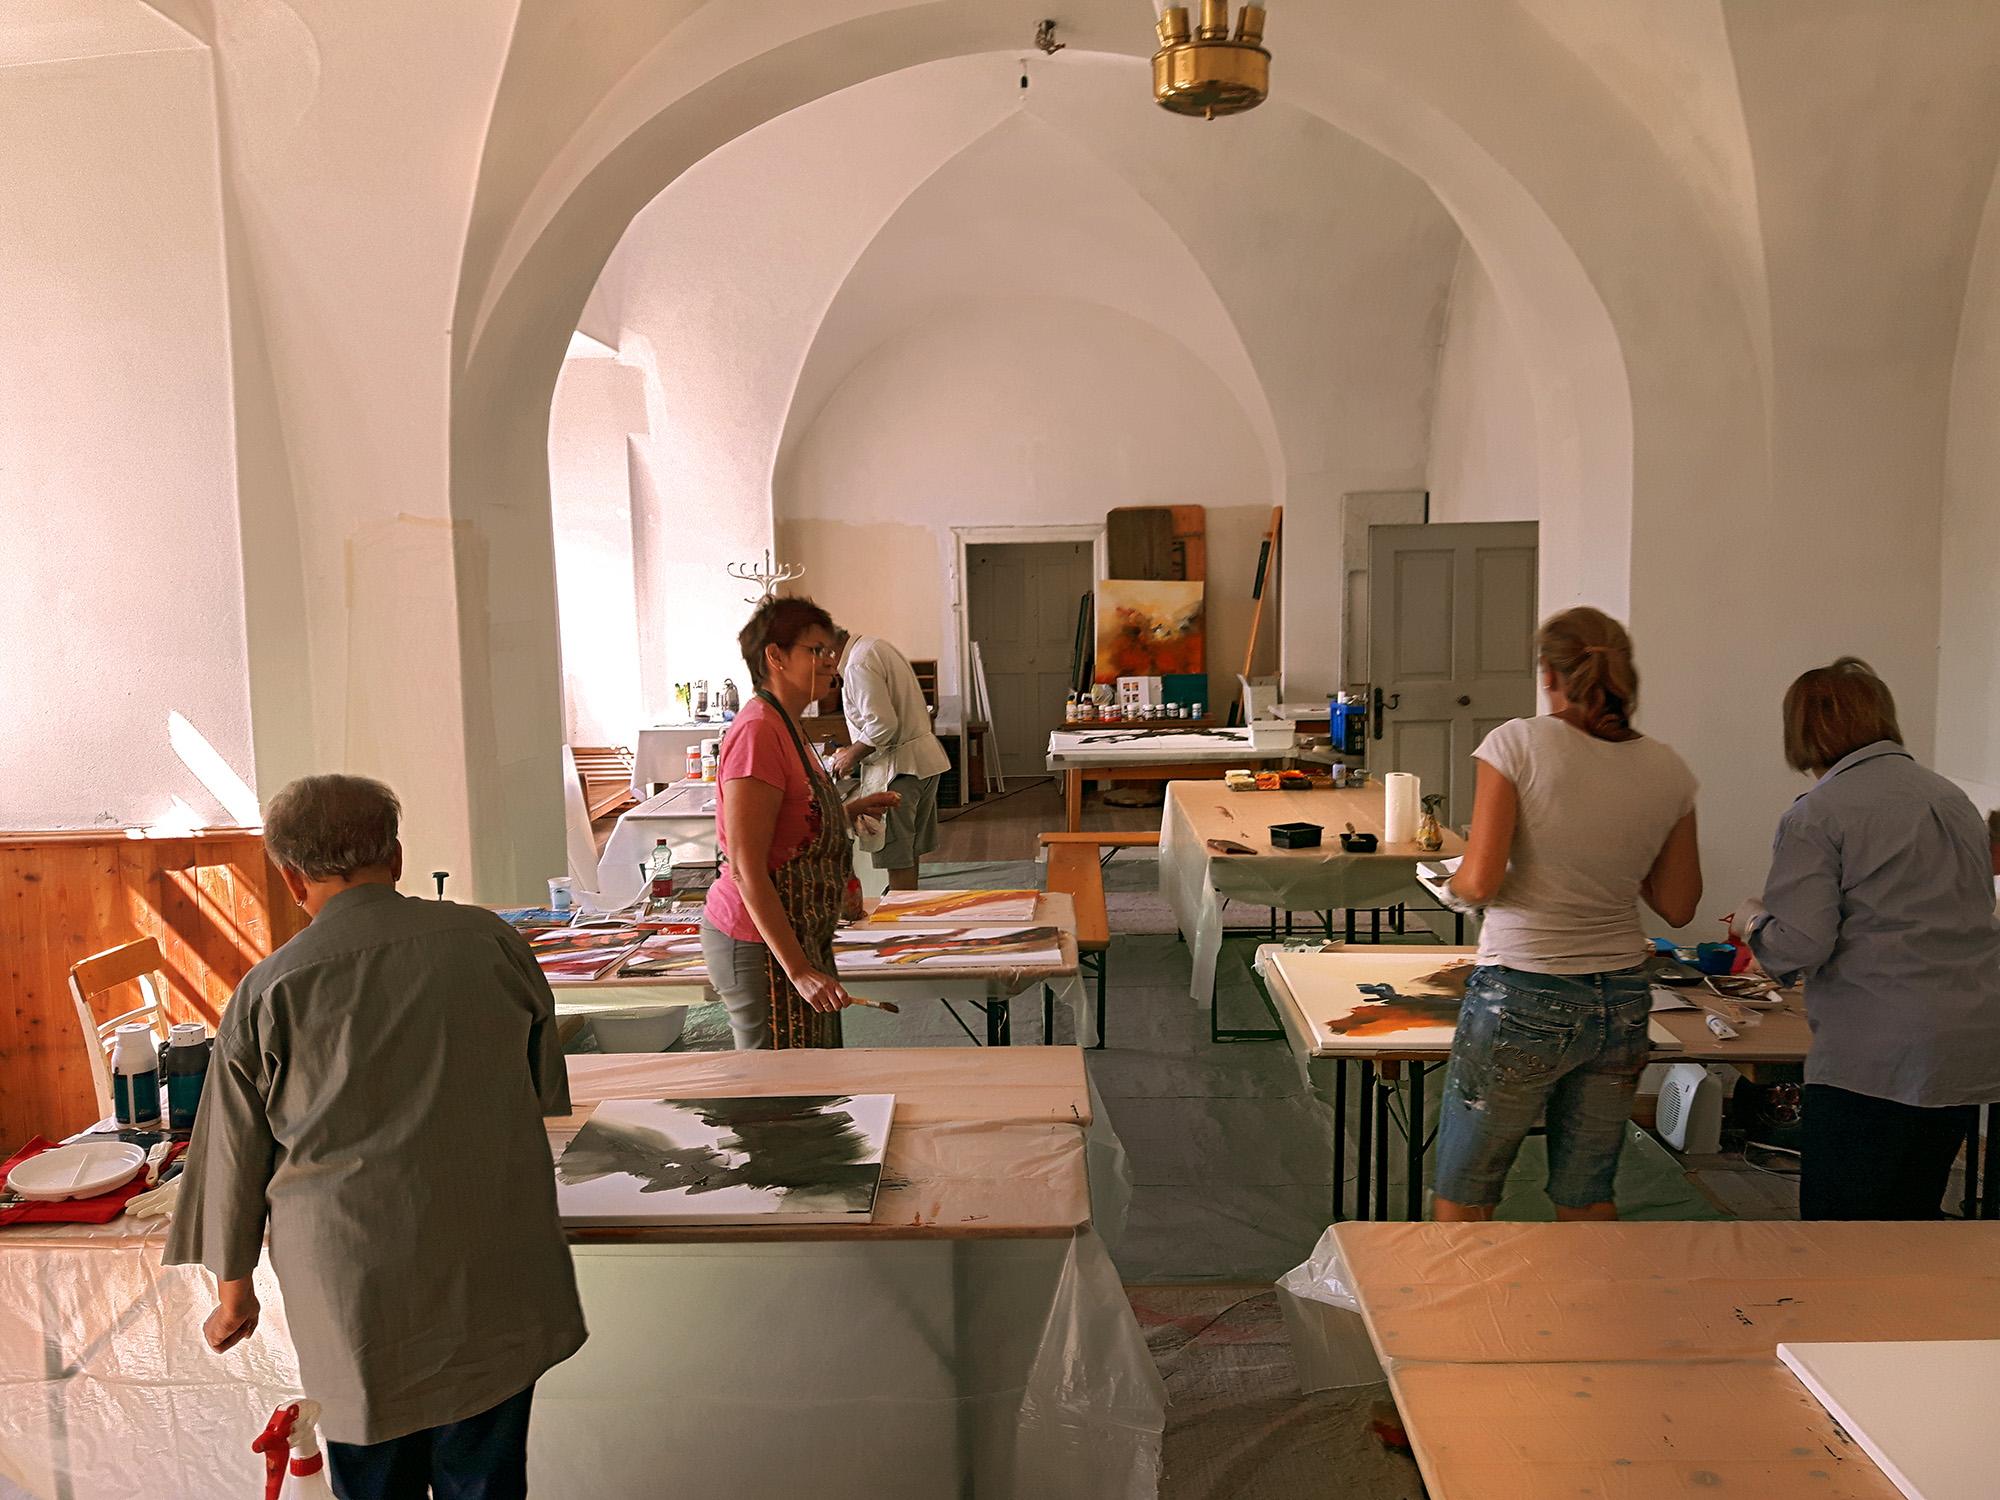 AKW aflenzer Kunstwochen 2016 in der Propstei Aflenz - Acrylkurs